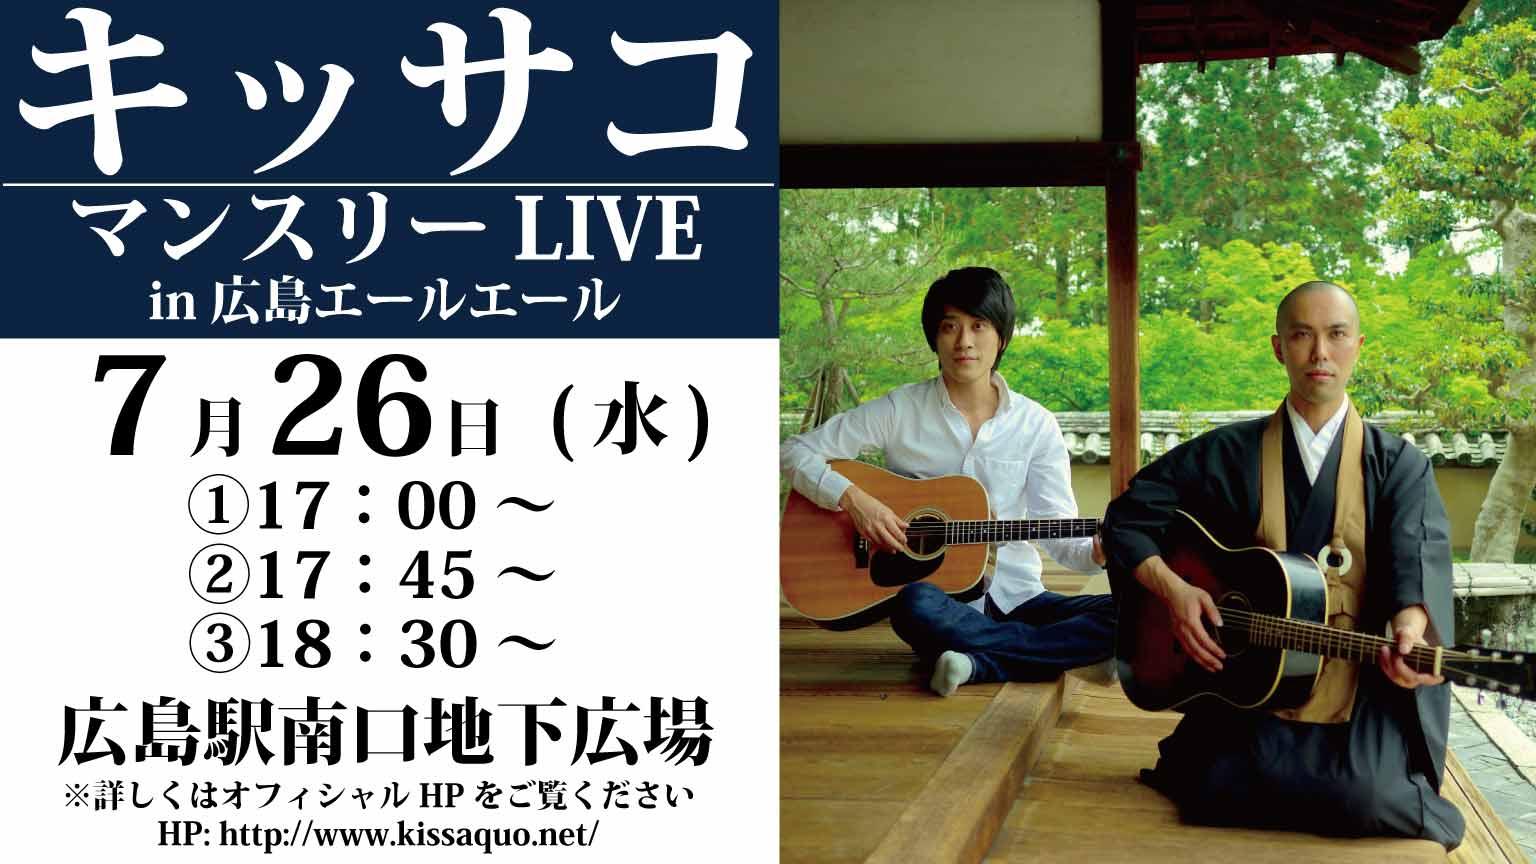 7/26(水)【広島】キッサコ・マンスリーLIVE in エールエール